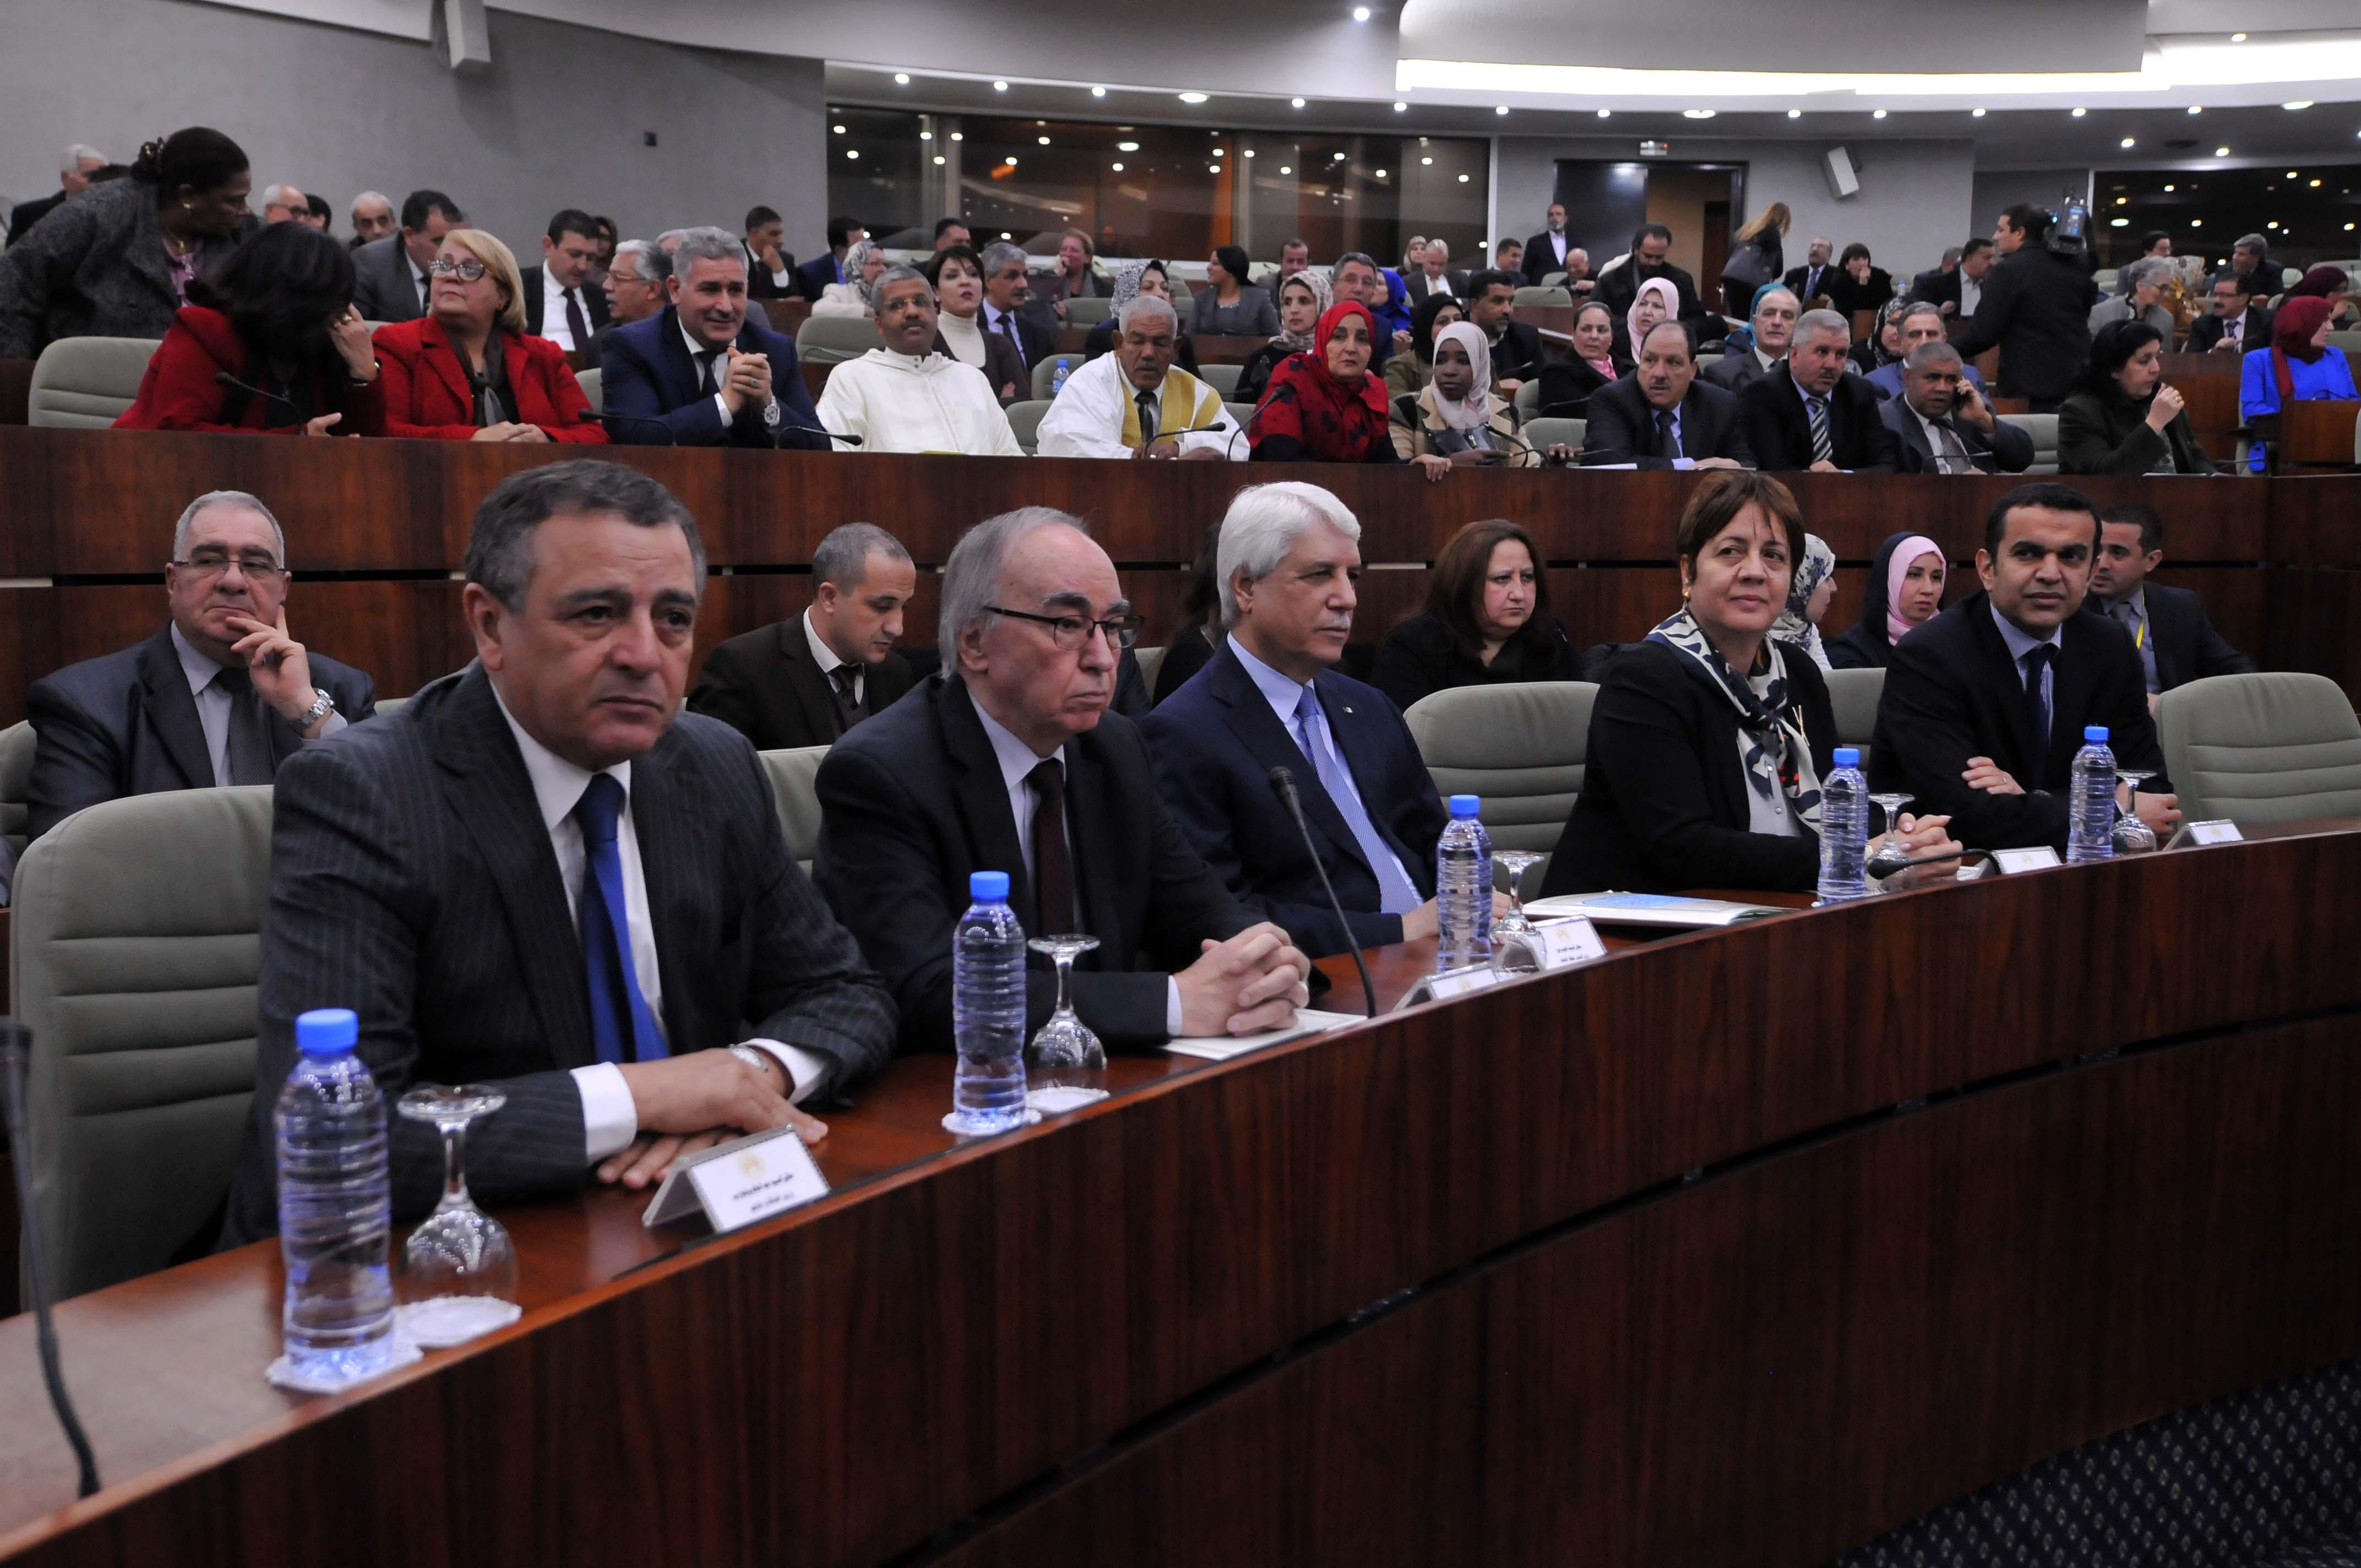 e projet de loi a été adopté en plénière, en présence du ministre des Finances. New Press